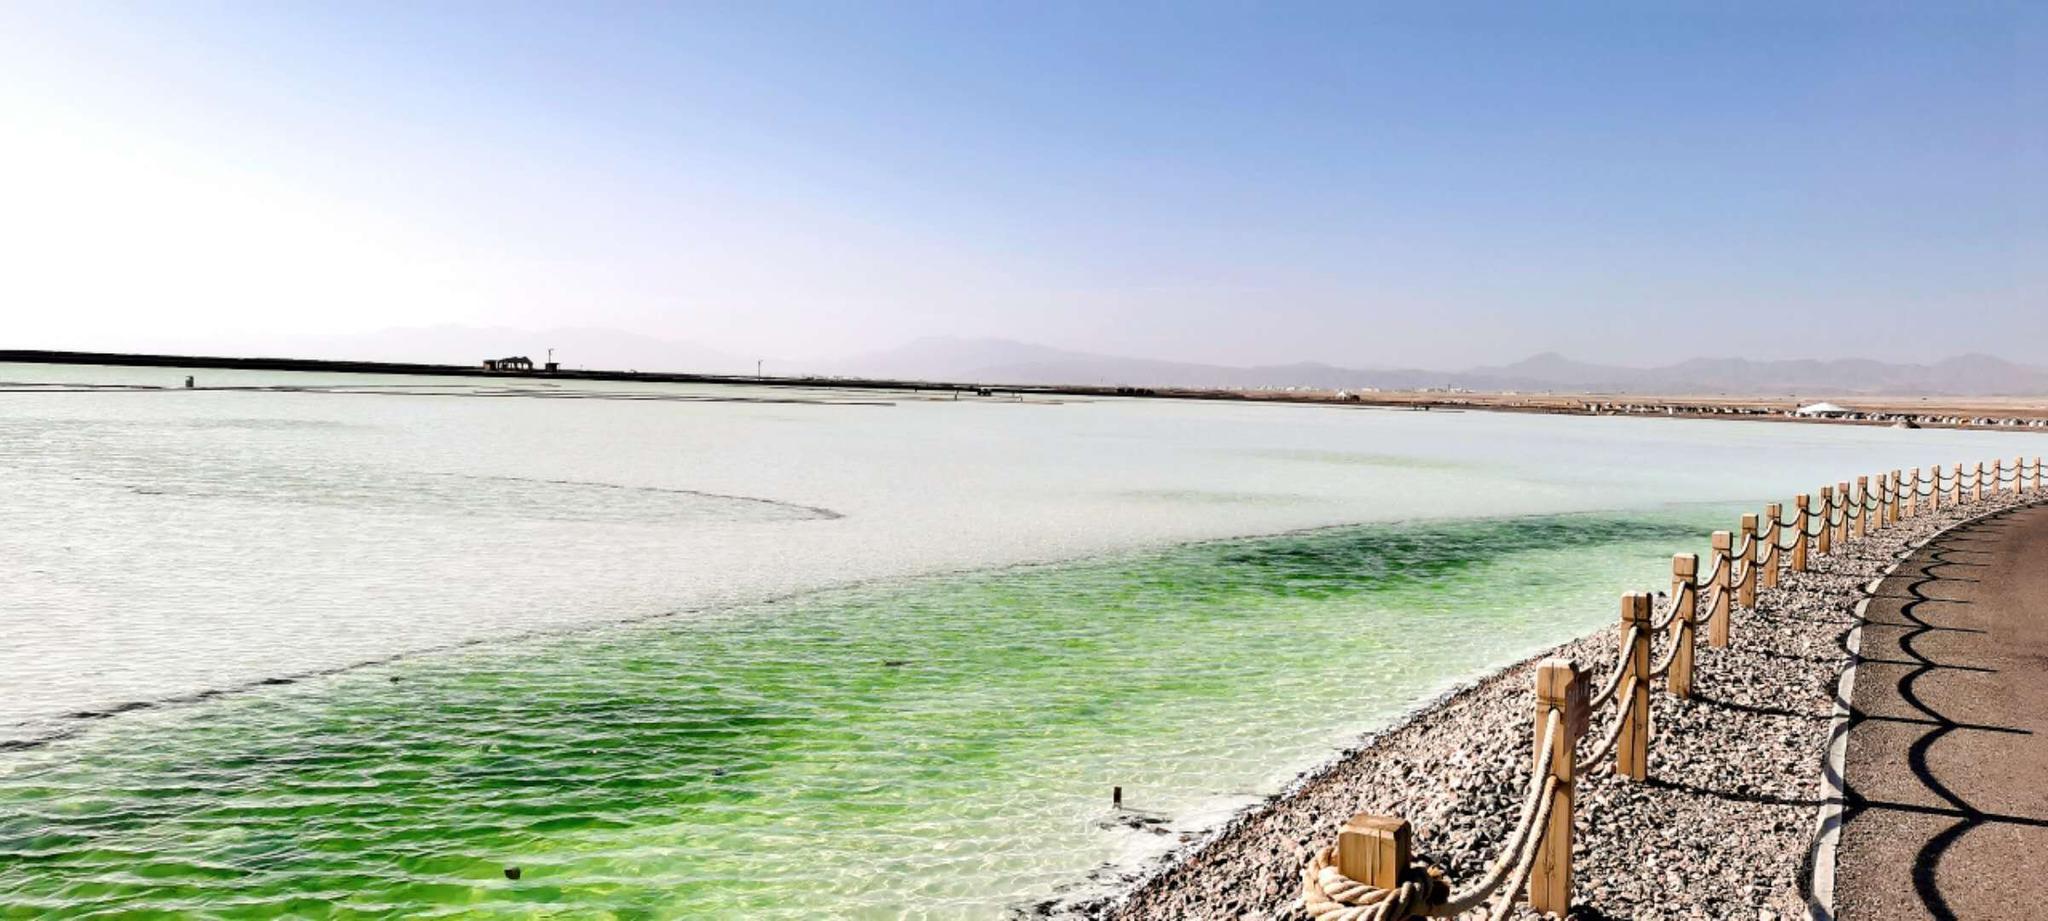 天空之境,万里无云,你好,这里是茶卡盐湖。